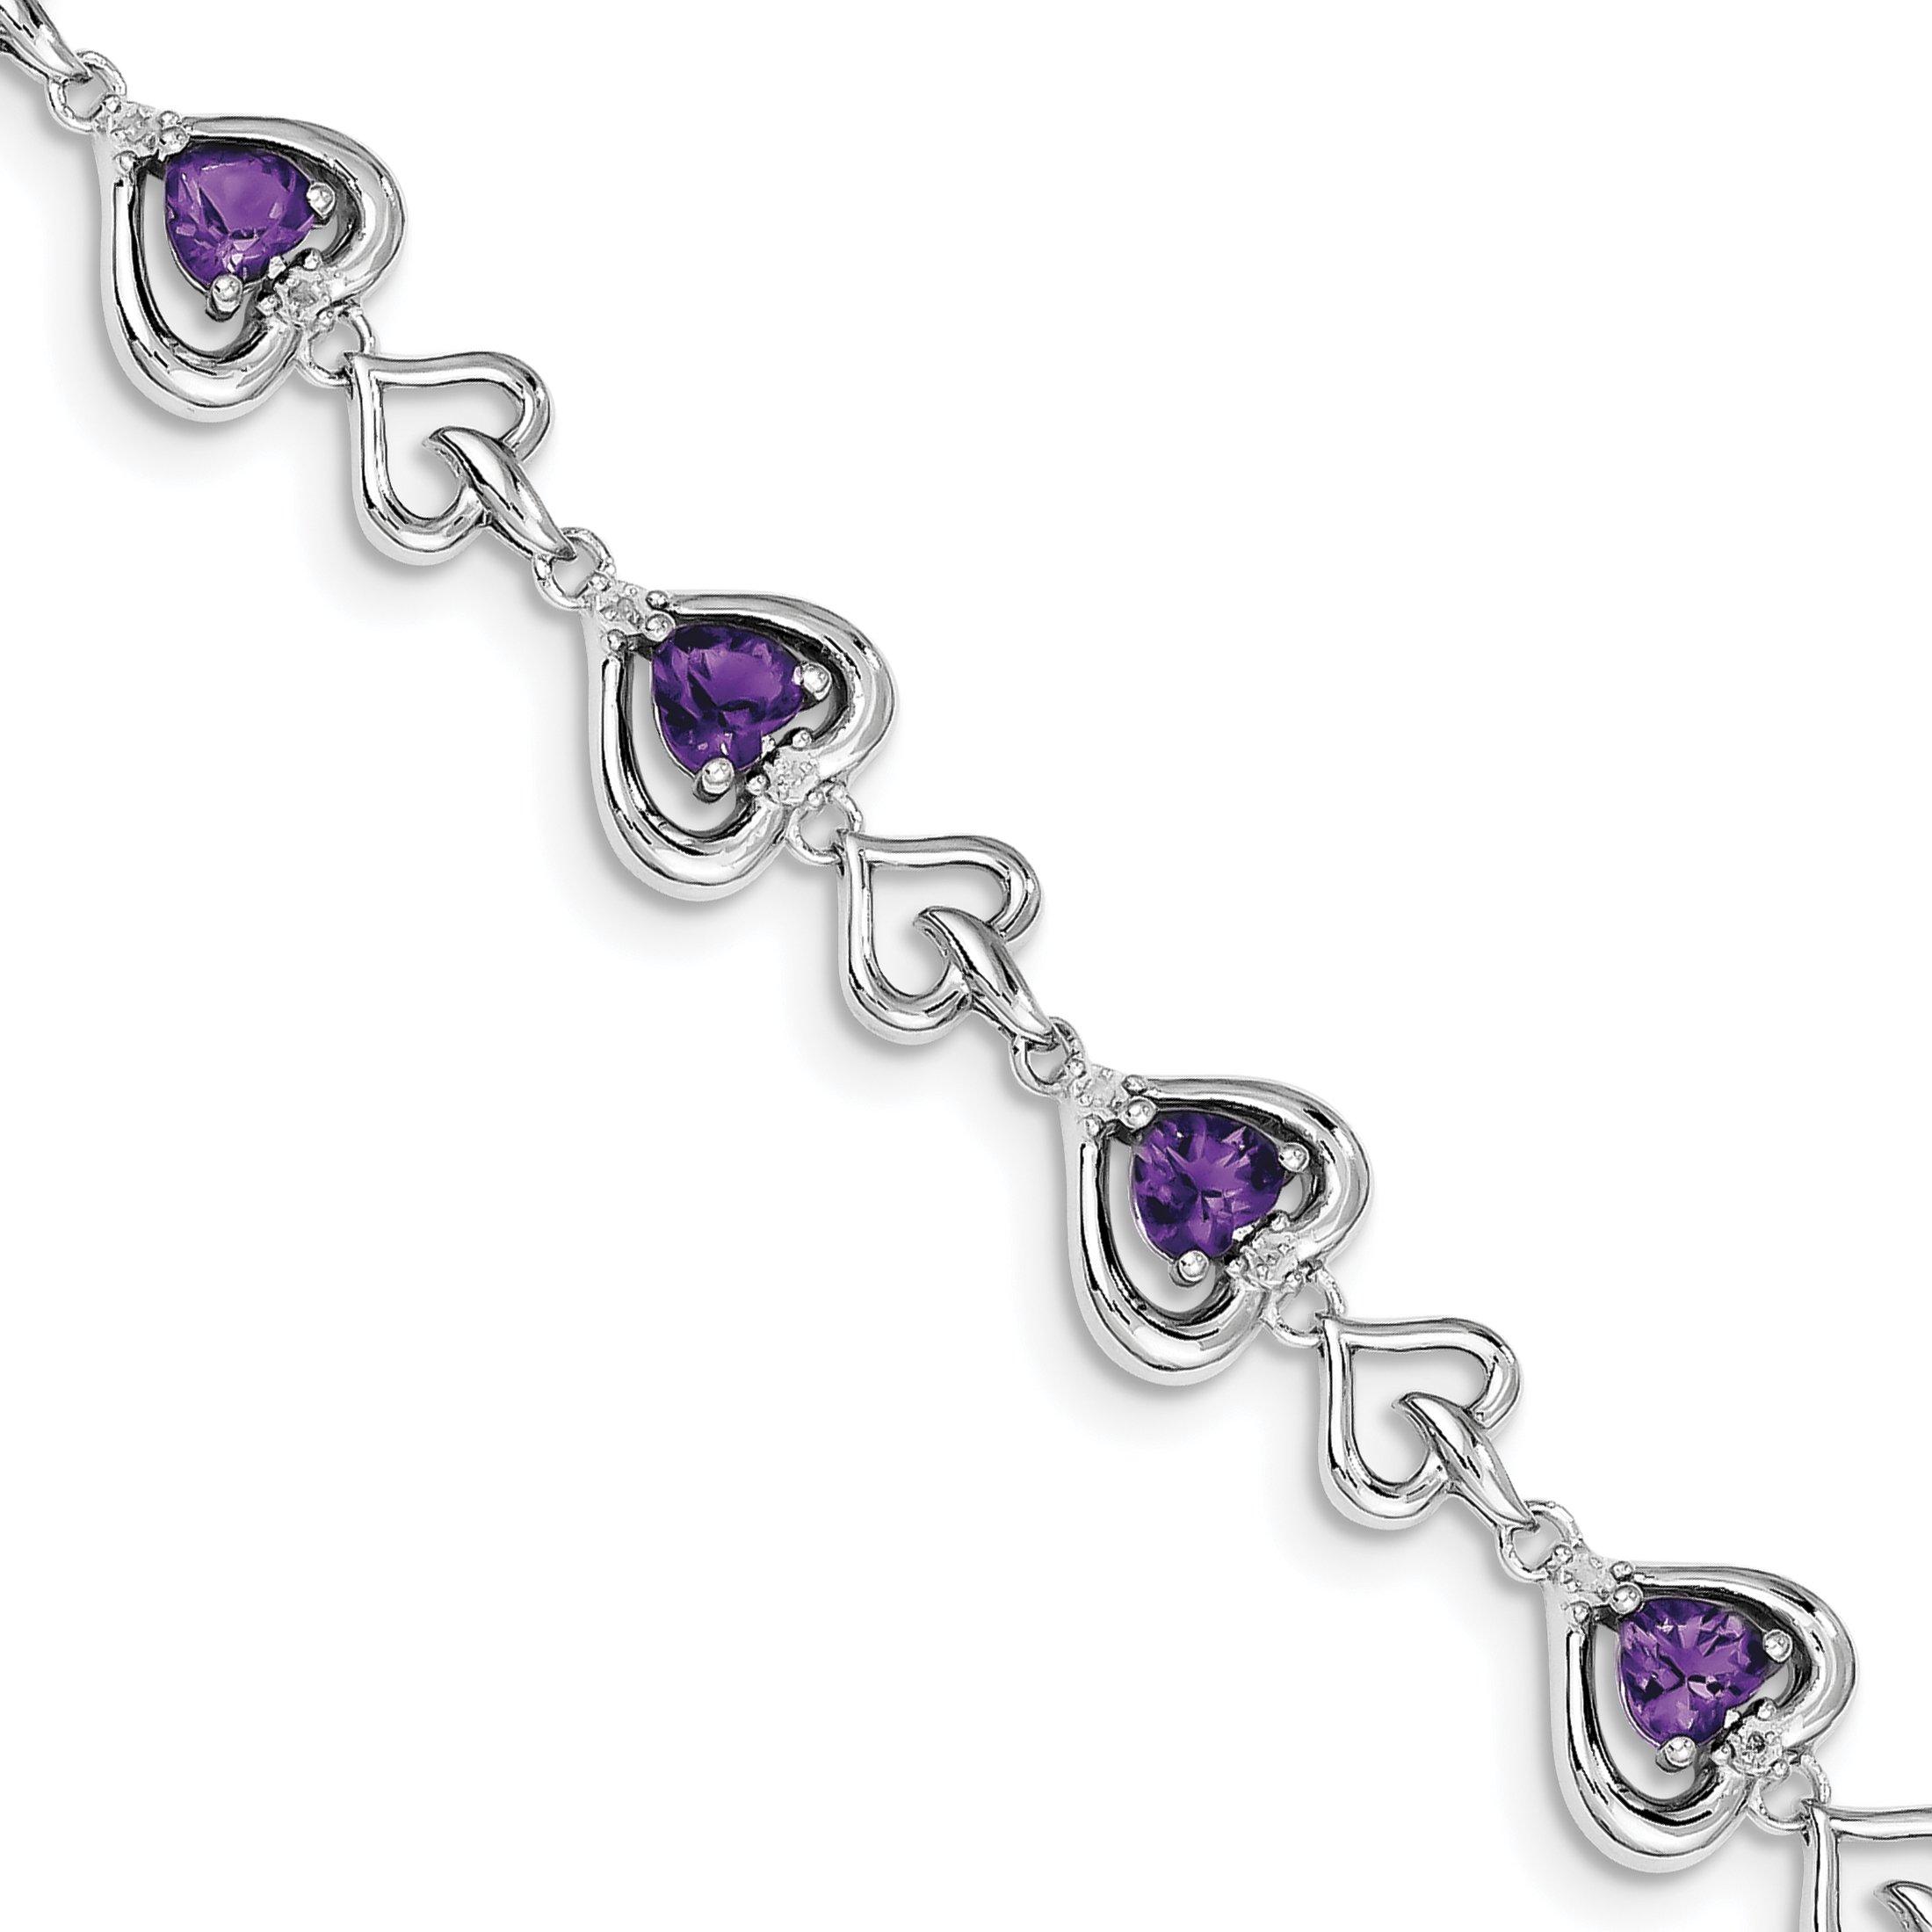 ICE CARATS 925 Sterling Silver Diamond Heart Link Purple Amethyst Bracelet 7 Inch /love Gemstone Fine Jewelry Gift Set For Women Heart